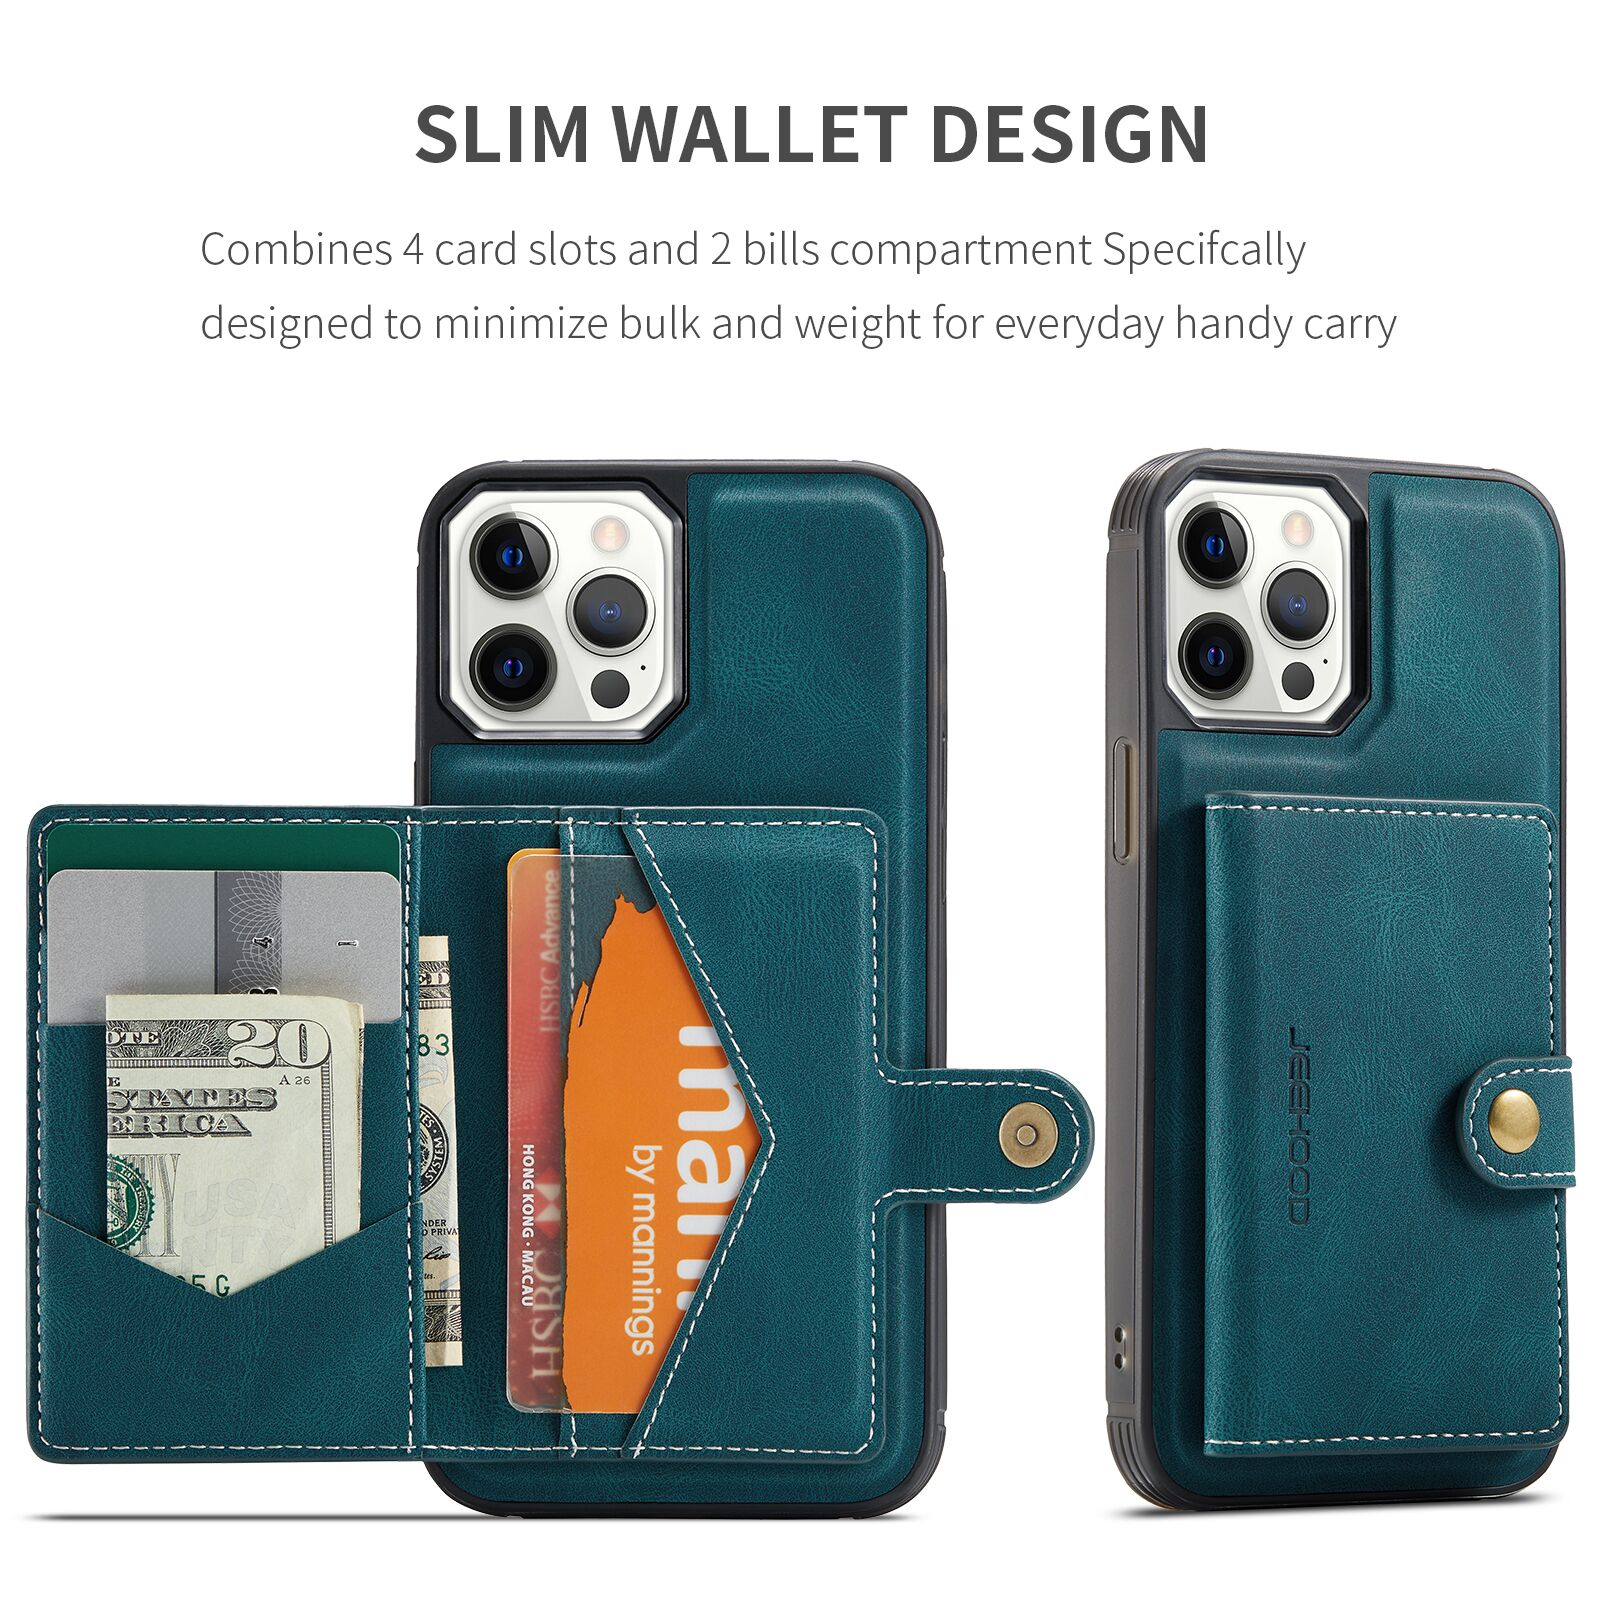 Hb6fe3c7e8d164783aded85cd29ed1d0cw Capinha case Capa traseira para o iphone 12 11 pro max xs xr x se 2020 8 7 plus caso do telefone com suporte de cartão de couro magnético destacável carteira saco